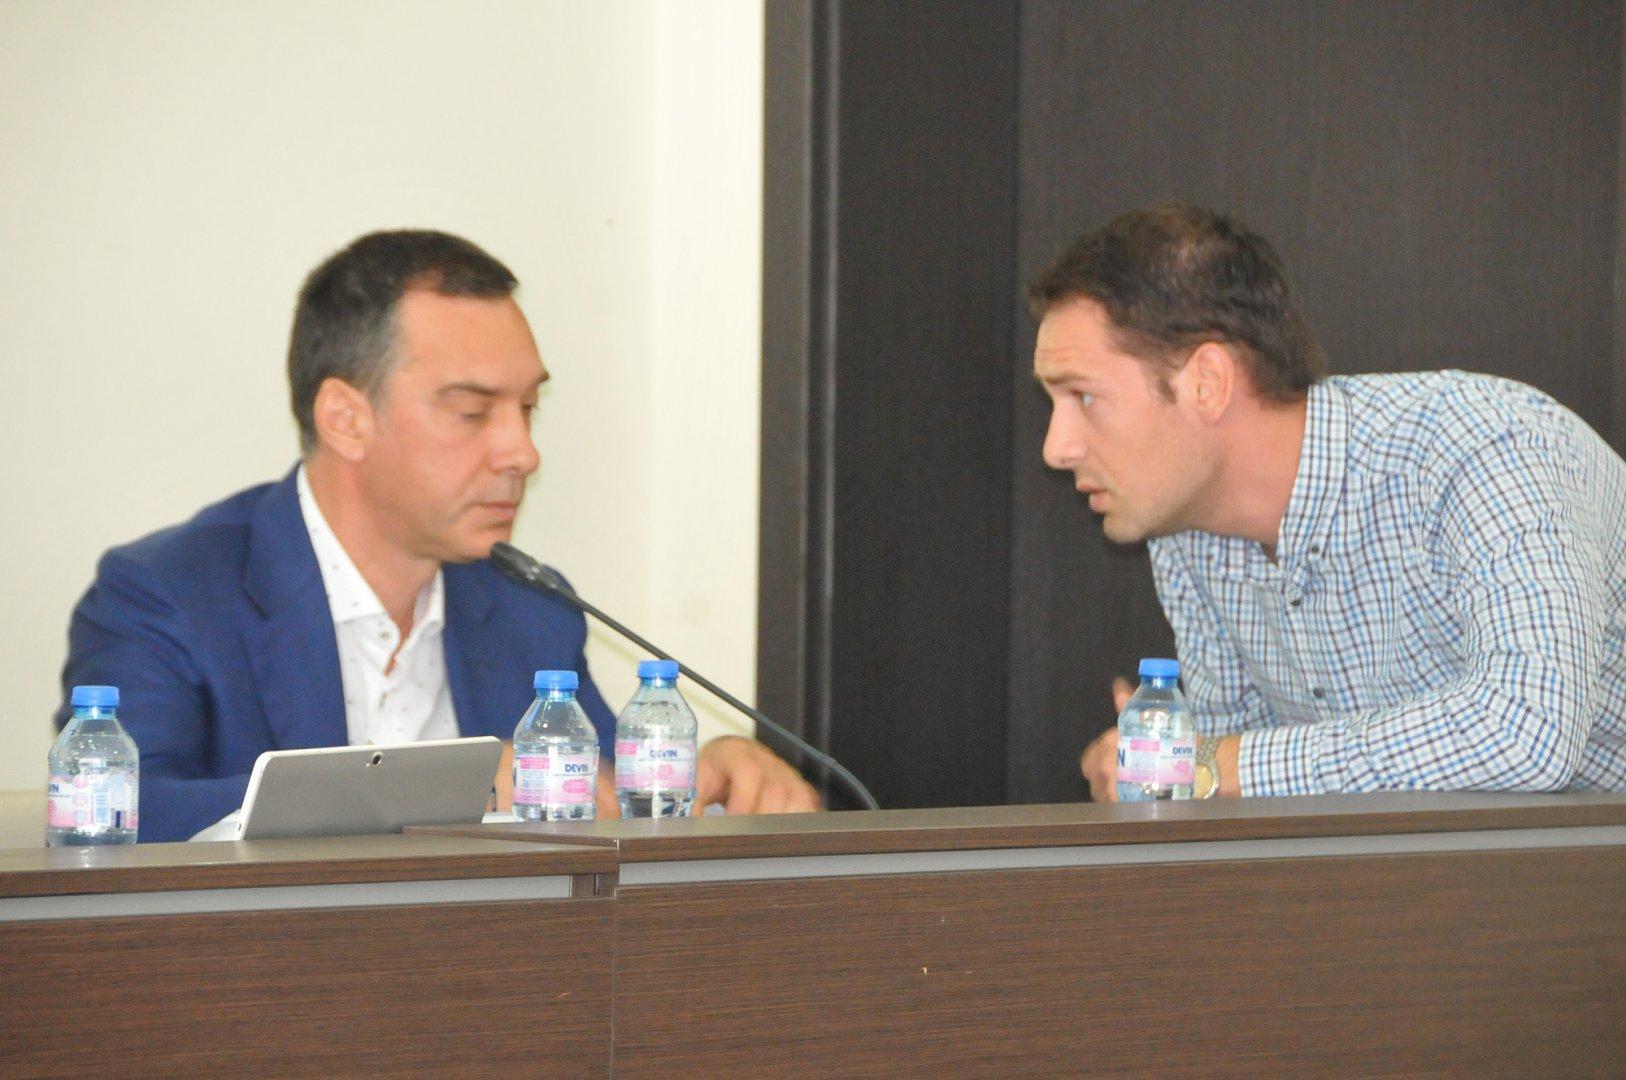 От 2-ри януари бившият съветник Тодор Колев (вдясно) става подчинен на кмета на Бургас Димитър Николов. Снимки Лина Главинова